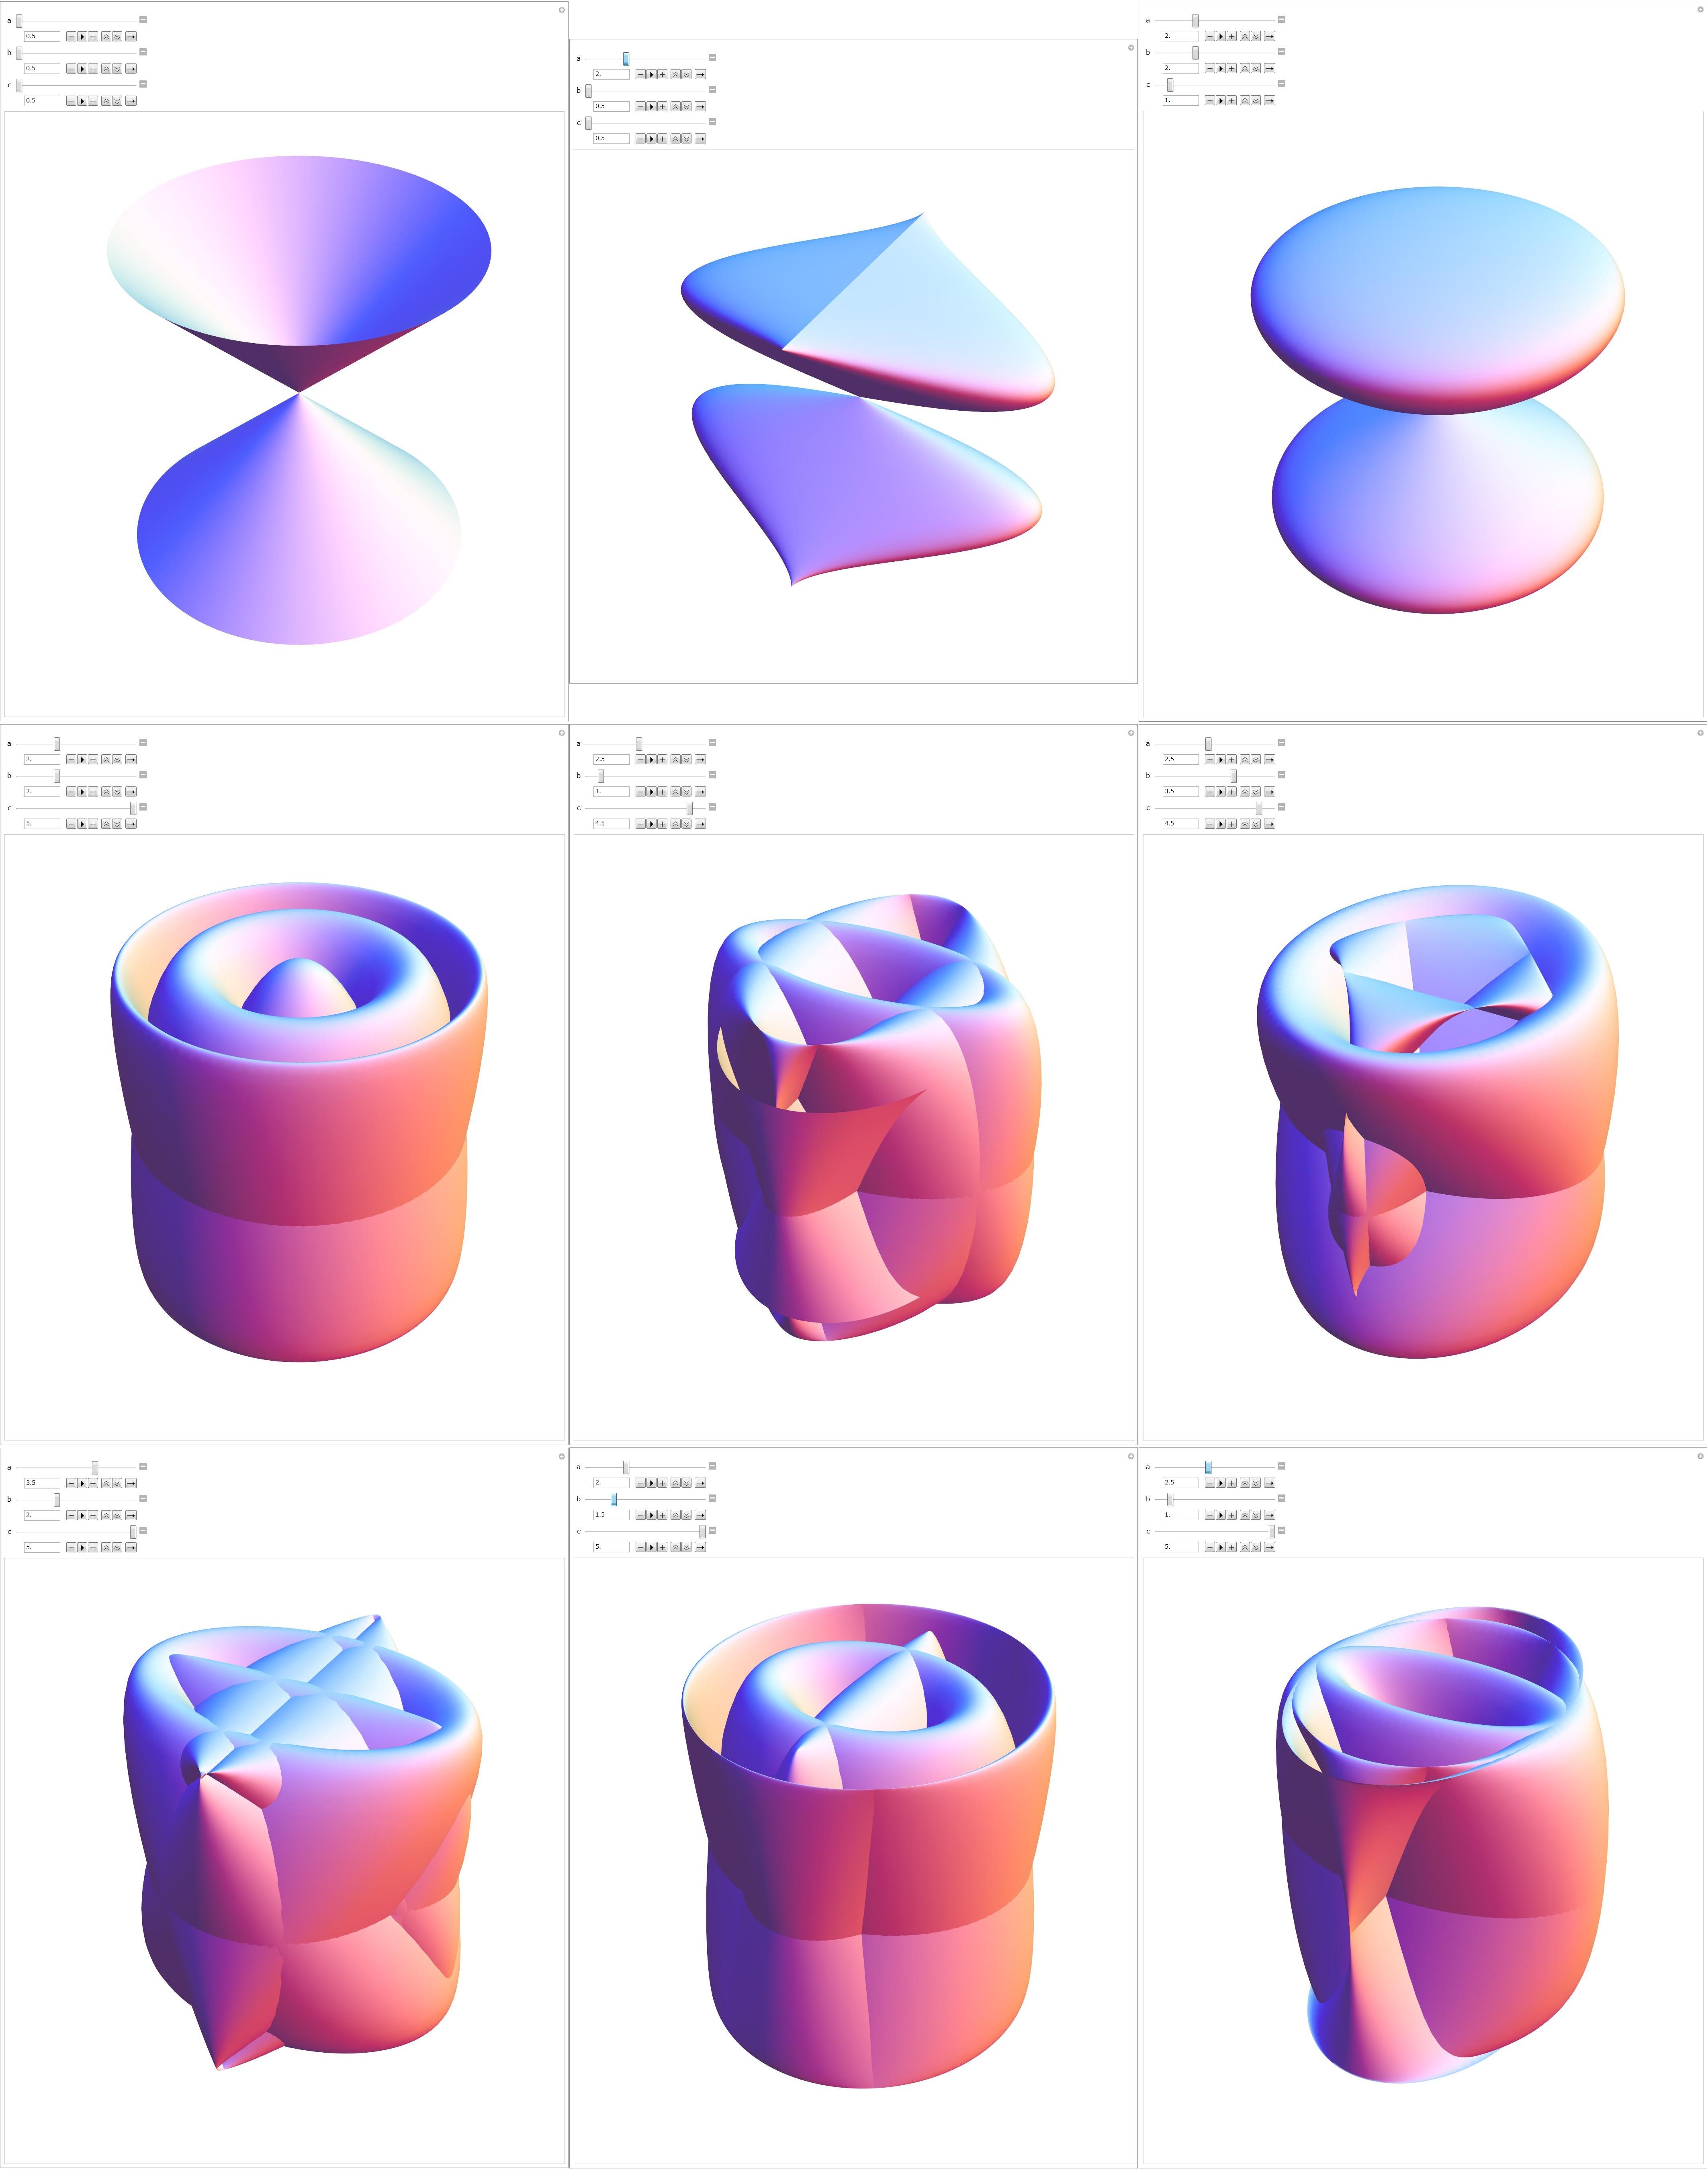 images gratuites main structure mod le ligne doigt g om trie cercle produit sculpture. Black Bedroom Furniture Sets. Home Design Ideas